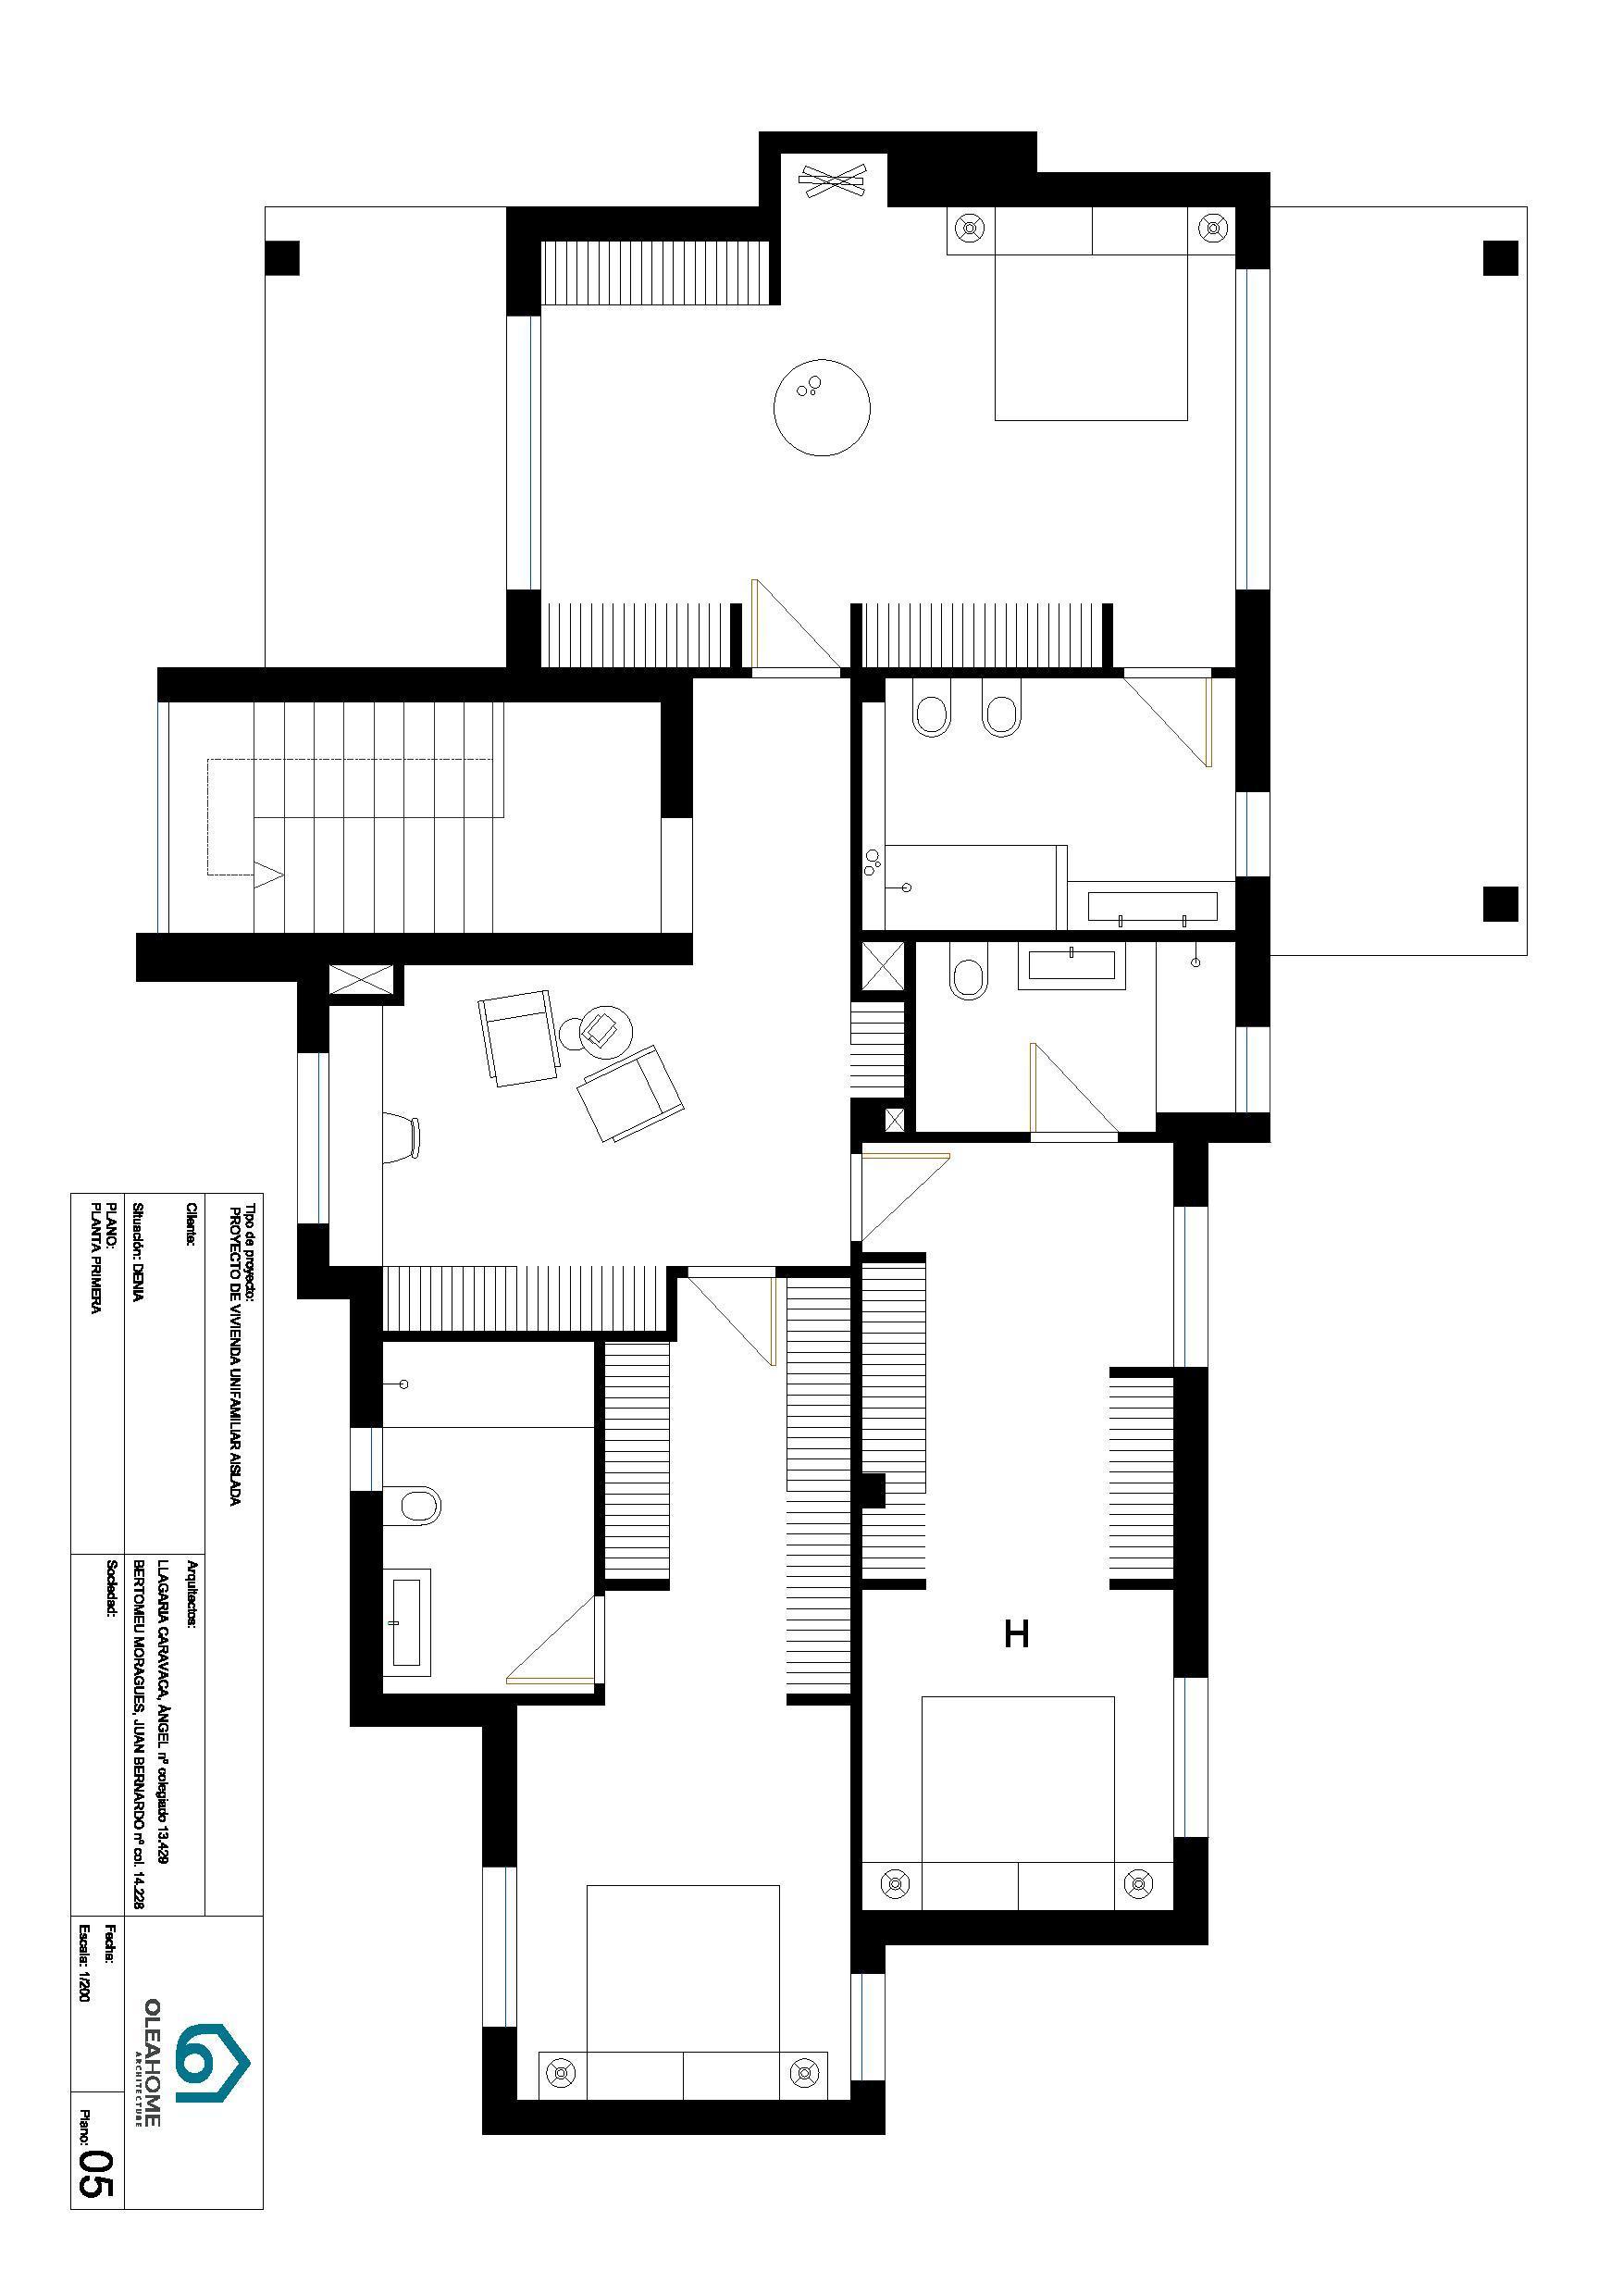 Galerie de photos - 8 - Olea-Home | Real Estate en Orba y Teulada-Moraira |